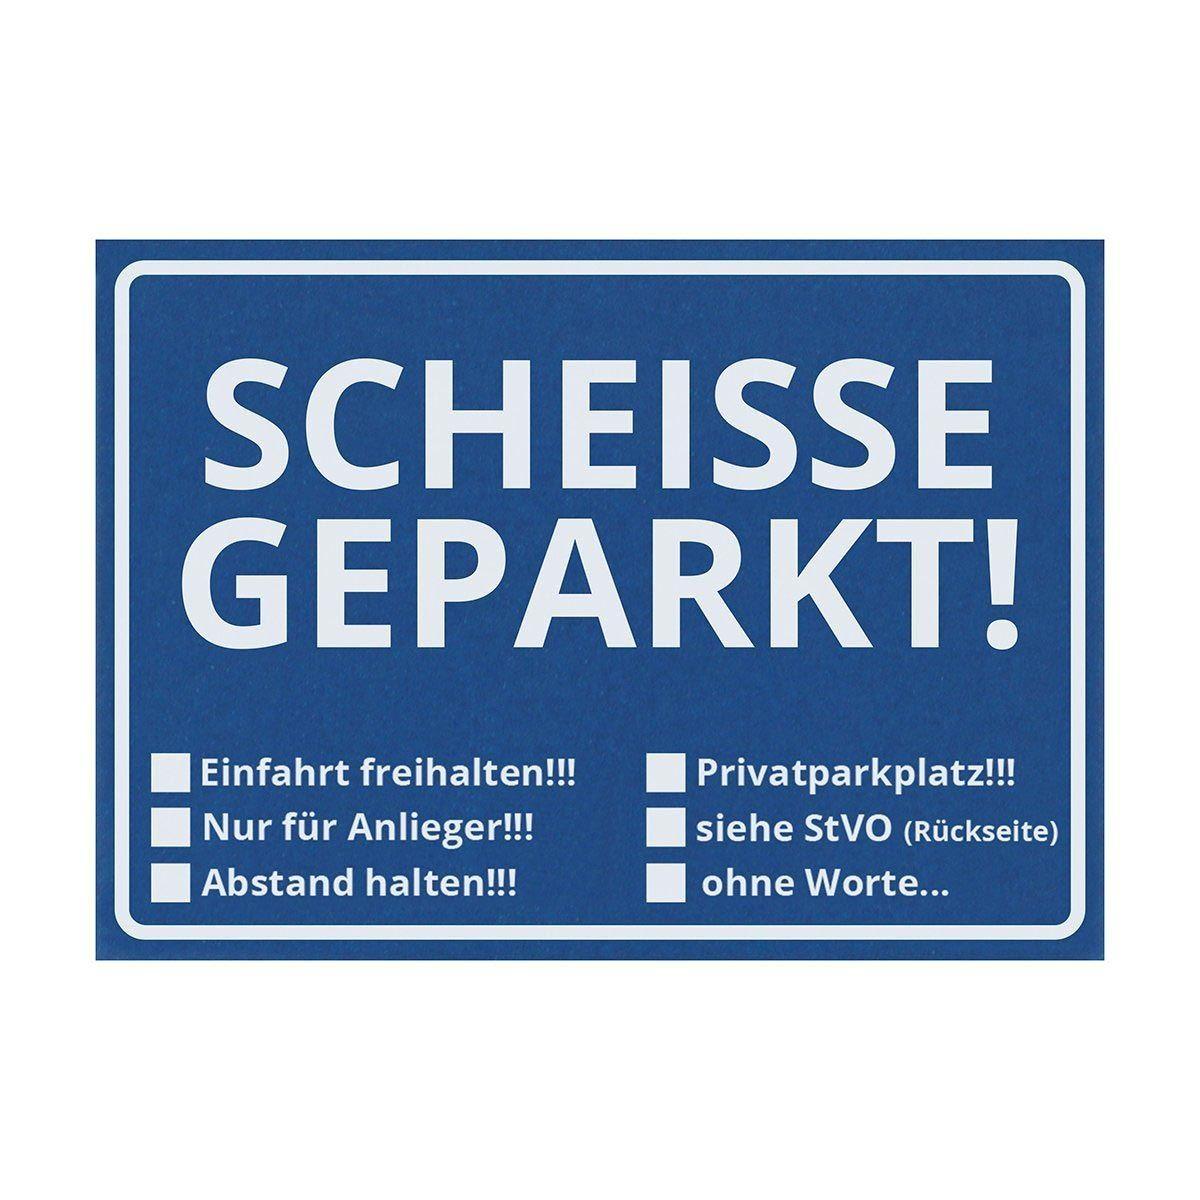 """http://parkaffe.de/scheisse-geparkt/ Wenn man mal wieder zugeparkt wurde, dann entsteht schnell ein gewisser Frust. Die Haftnotizen mit dem Aufdruck """"Scheisse geparkt"""" sind da ein tolles Mittel, um Falschparker zu ahnden und bestrafen."""